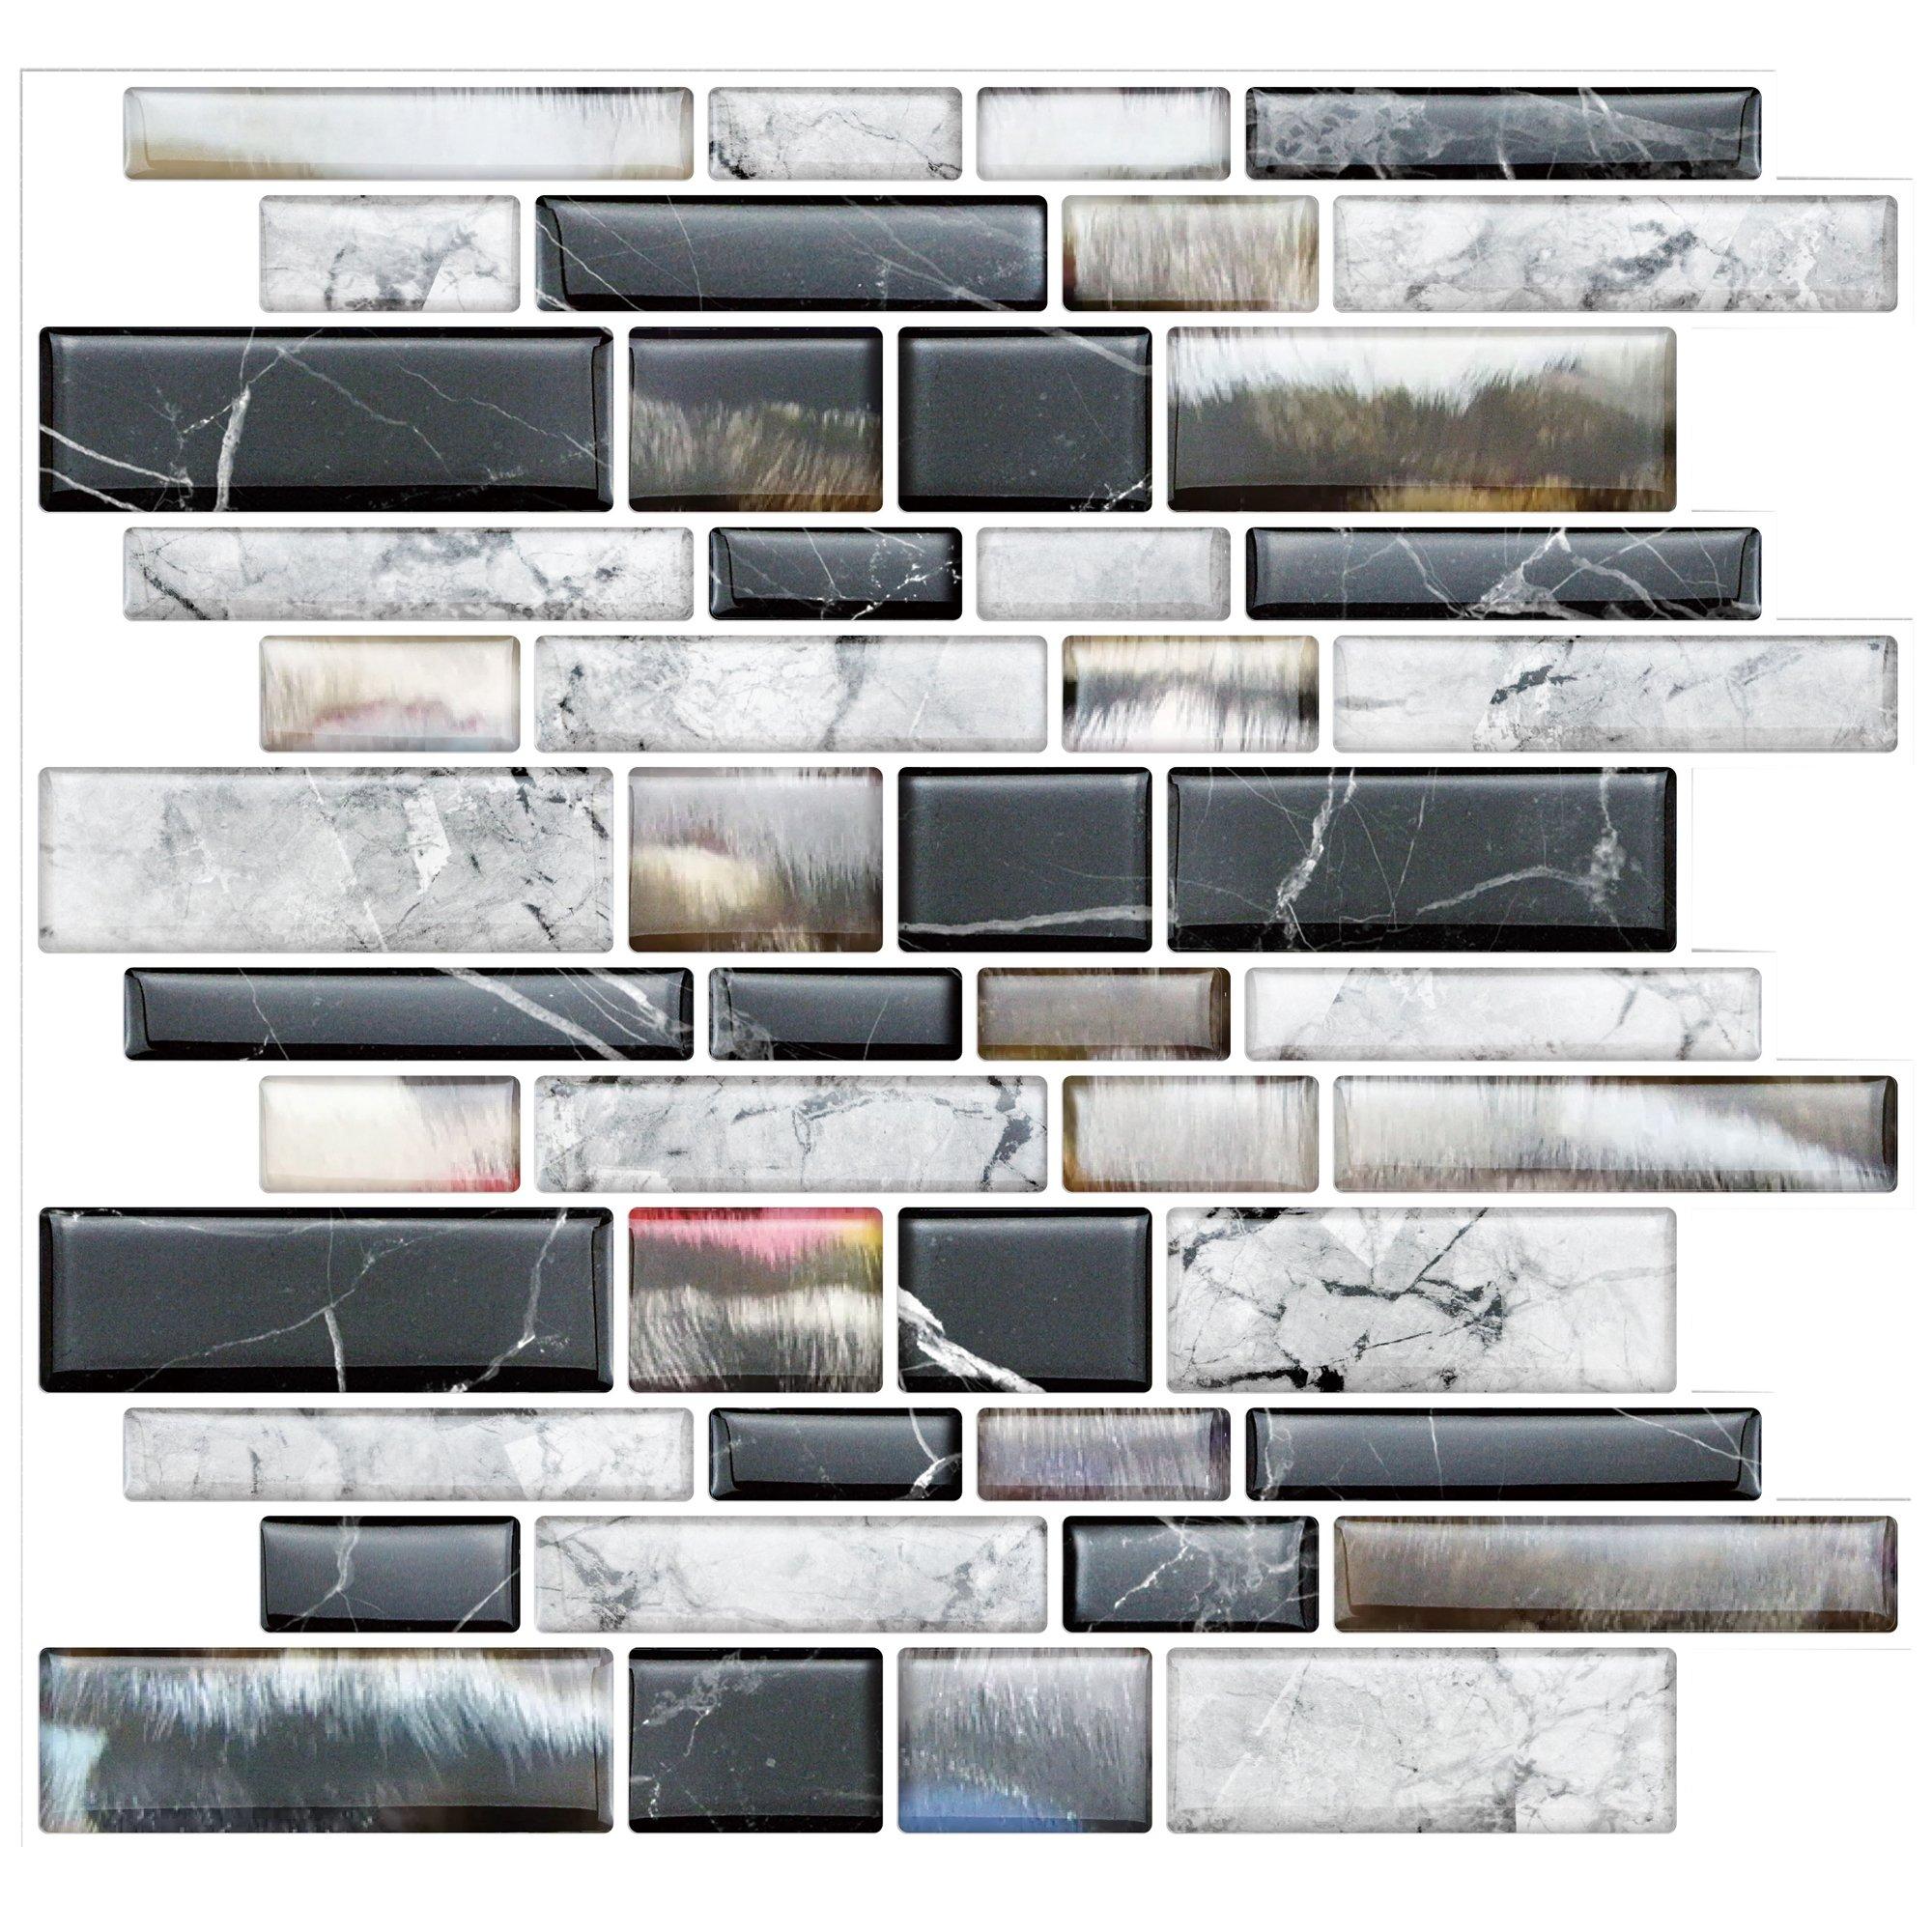 Stick On Tiles for Backsplash Kitchen   Self-Stick Backsplash Tiles   Peel and Stick, Self Adhesive, Removable Backsplash Wall Tile Stickers - 10'' x 10.5'' (10-Pack)